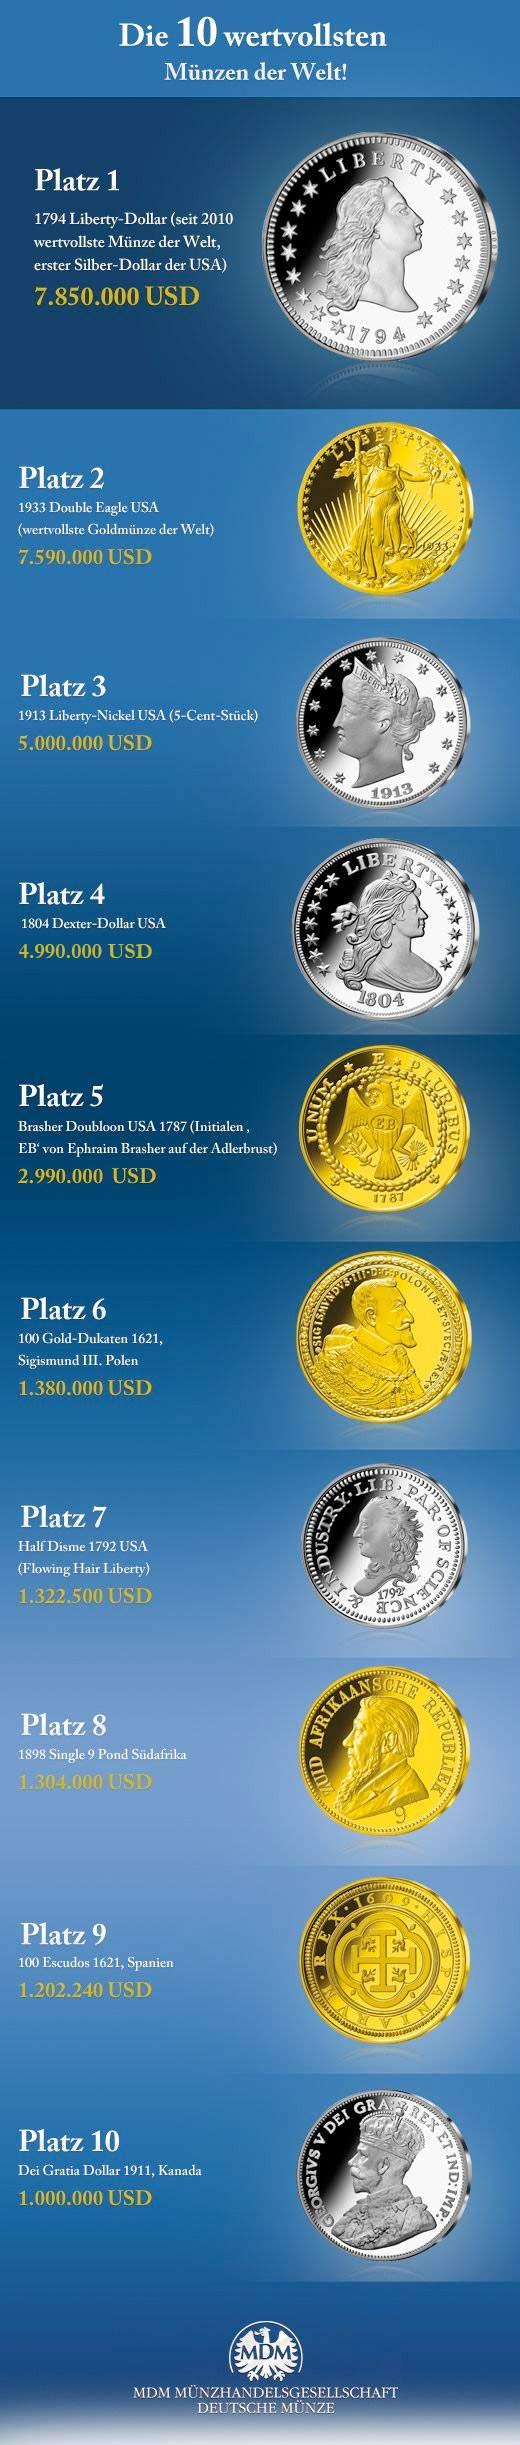 Die 10 wertvollsten Münzen der Welt!